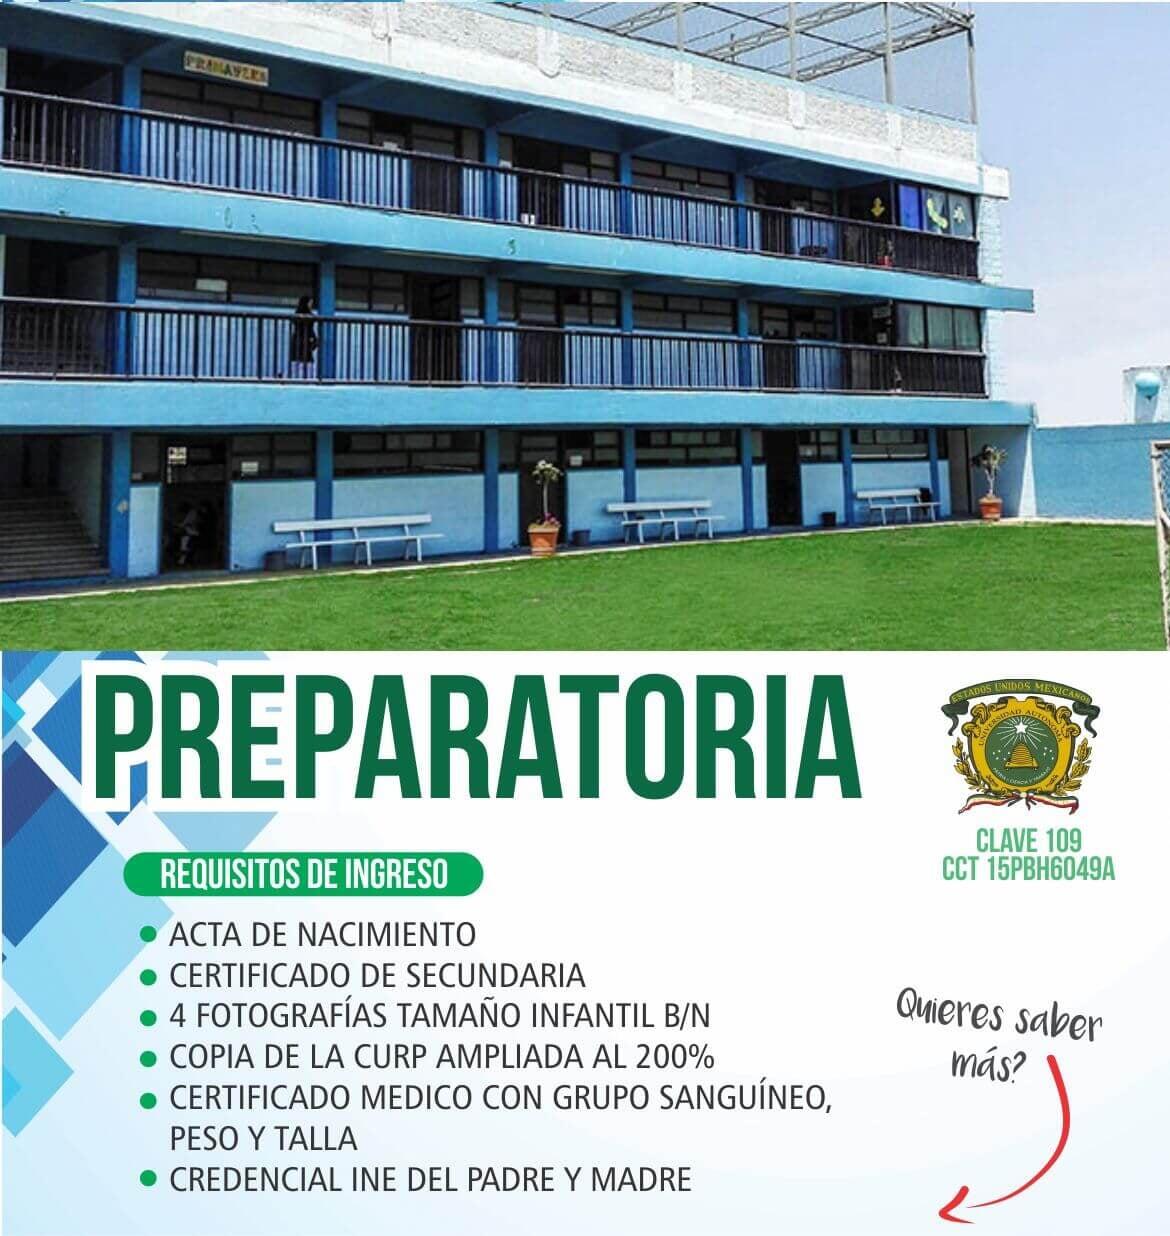 INSTITUTO MILENIUM SC -Preparatoria